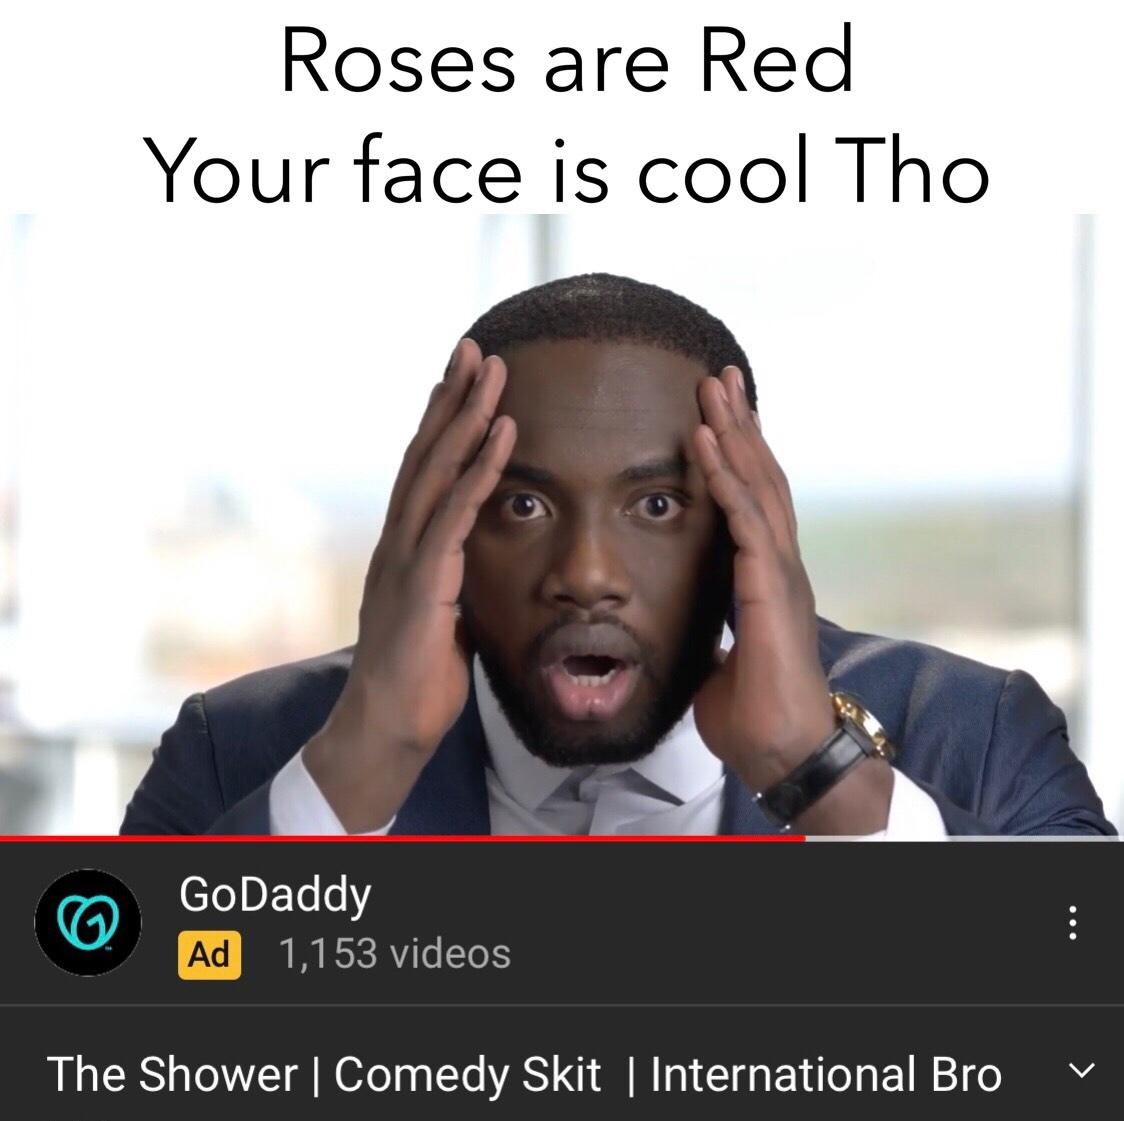 enjoy haha - meme